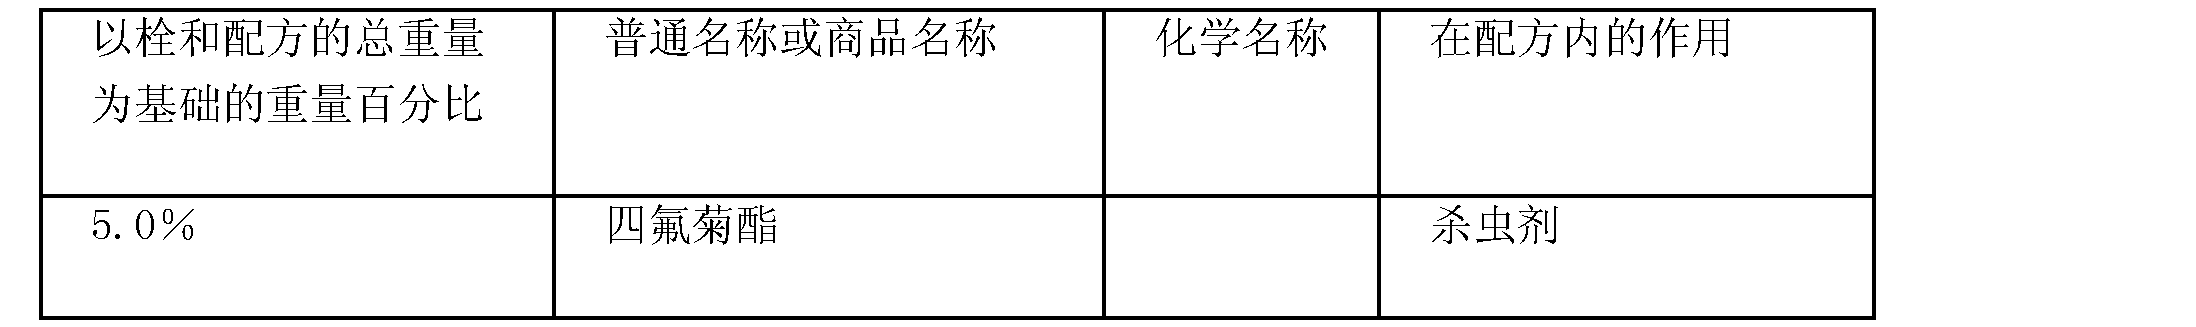 Figure CN101243788BD00171